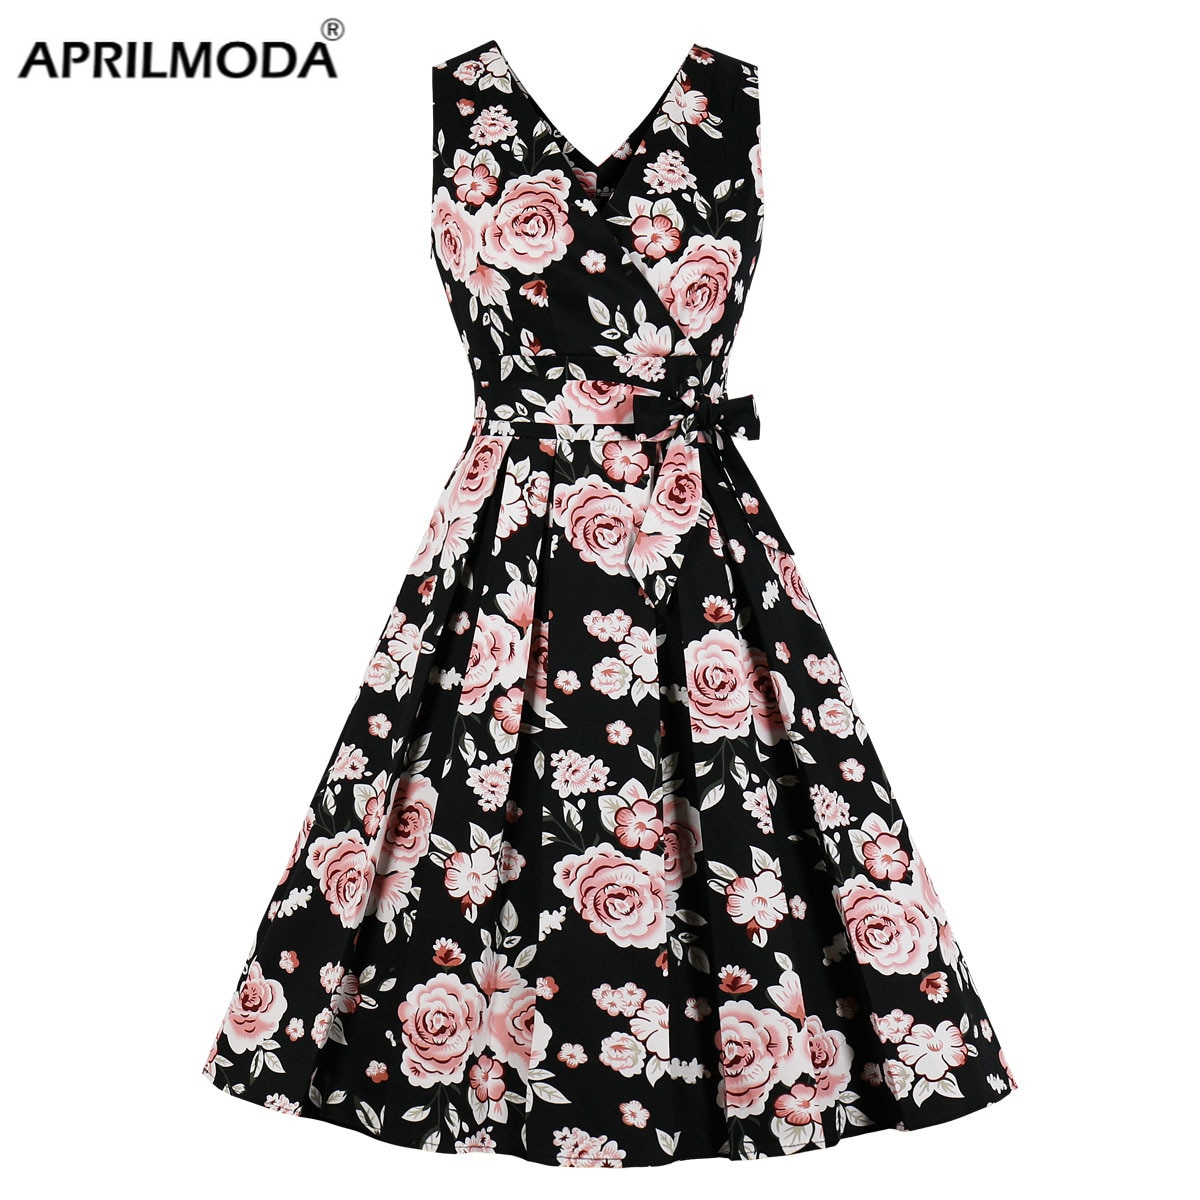 50s Vintage Pin Up vestido Midi Floral impreso Casual traje mujeres Femme de verano sin mangas una línea elegante Rocakbilly Vestidos